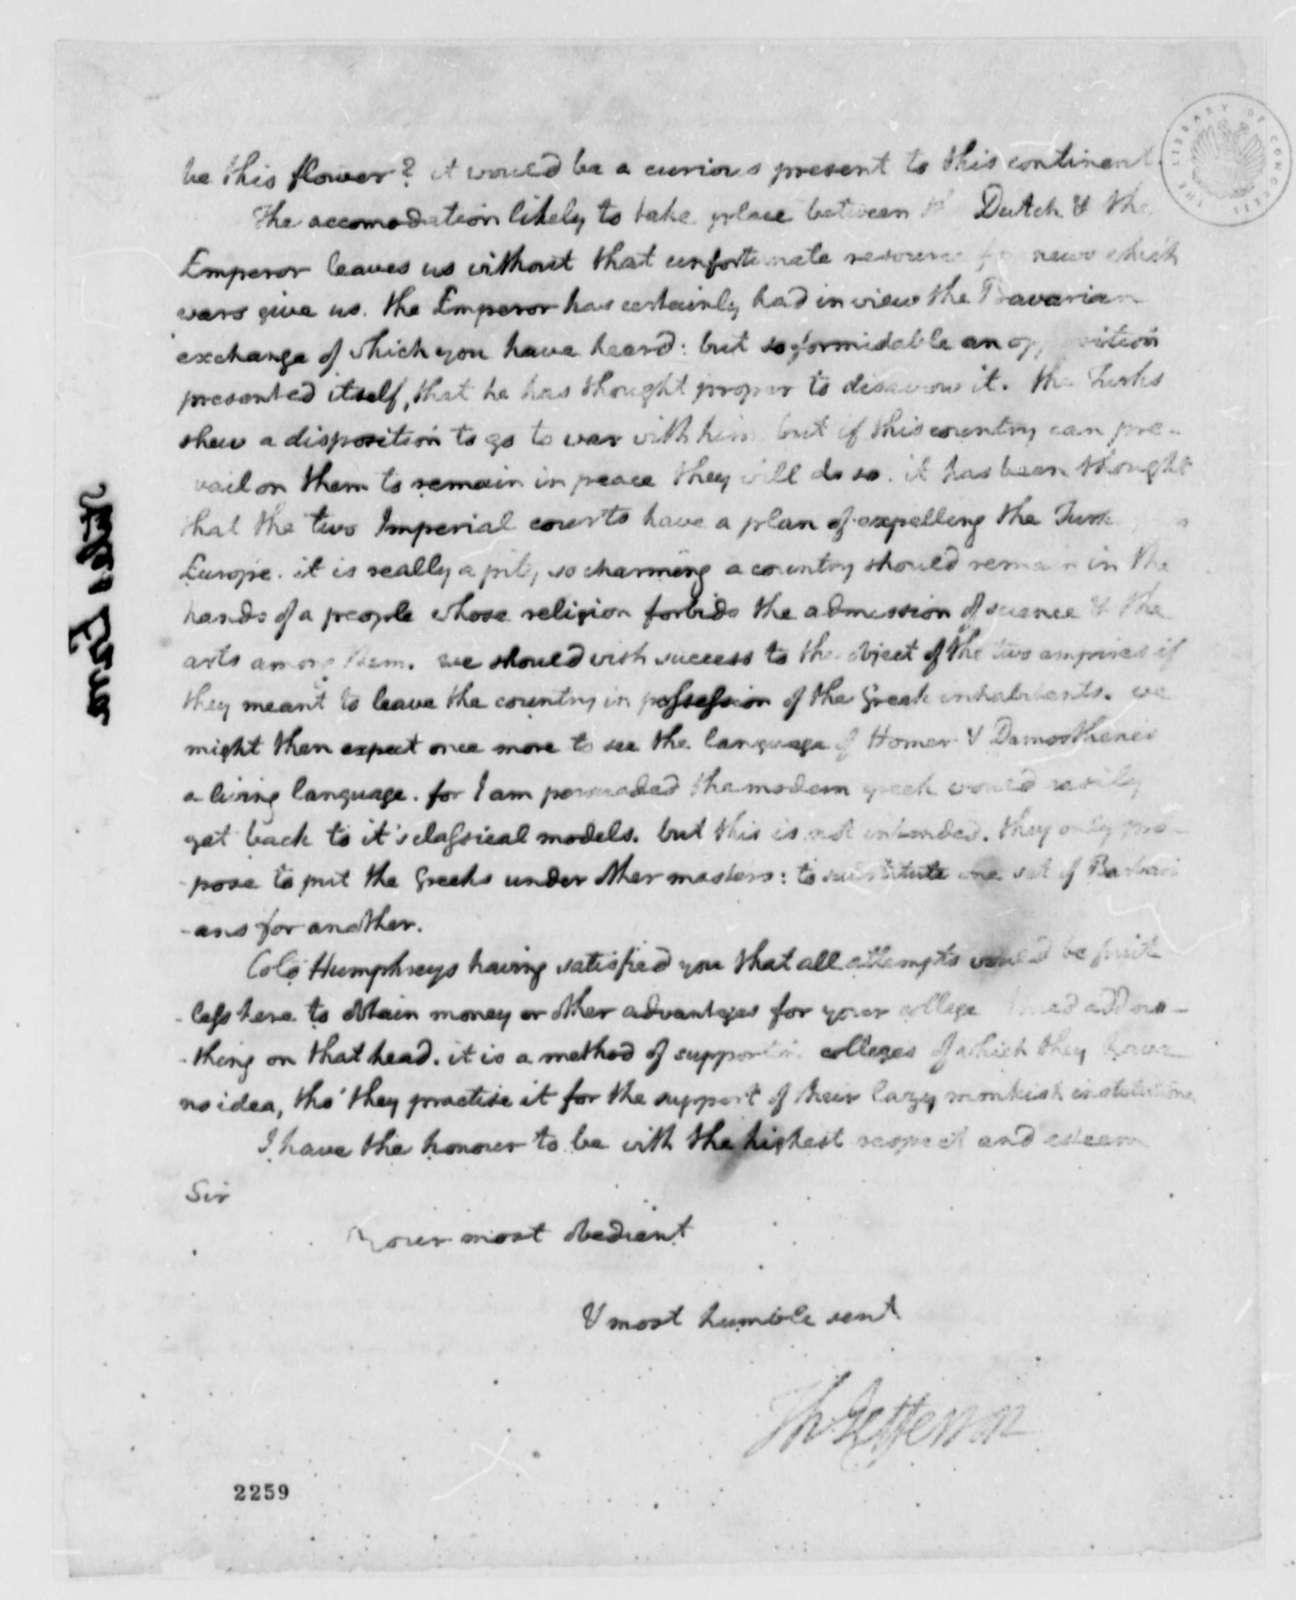 Thomas Jefferson to Ezra Stiles, July 17, 1785